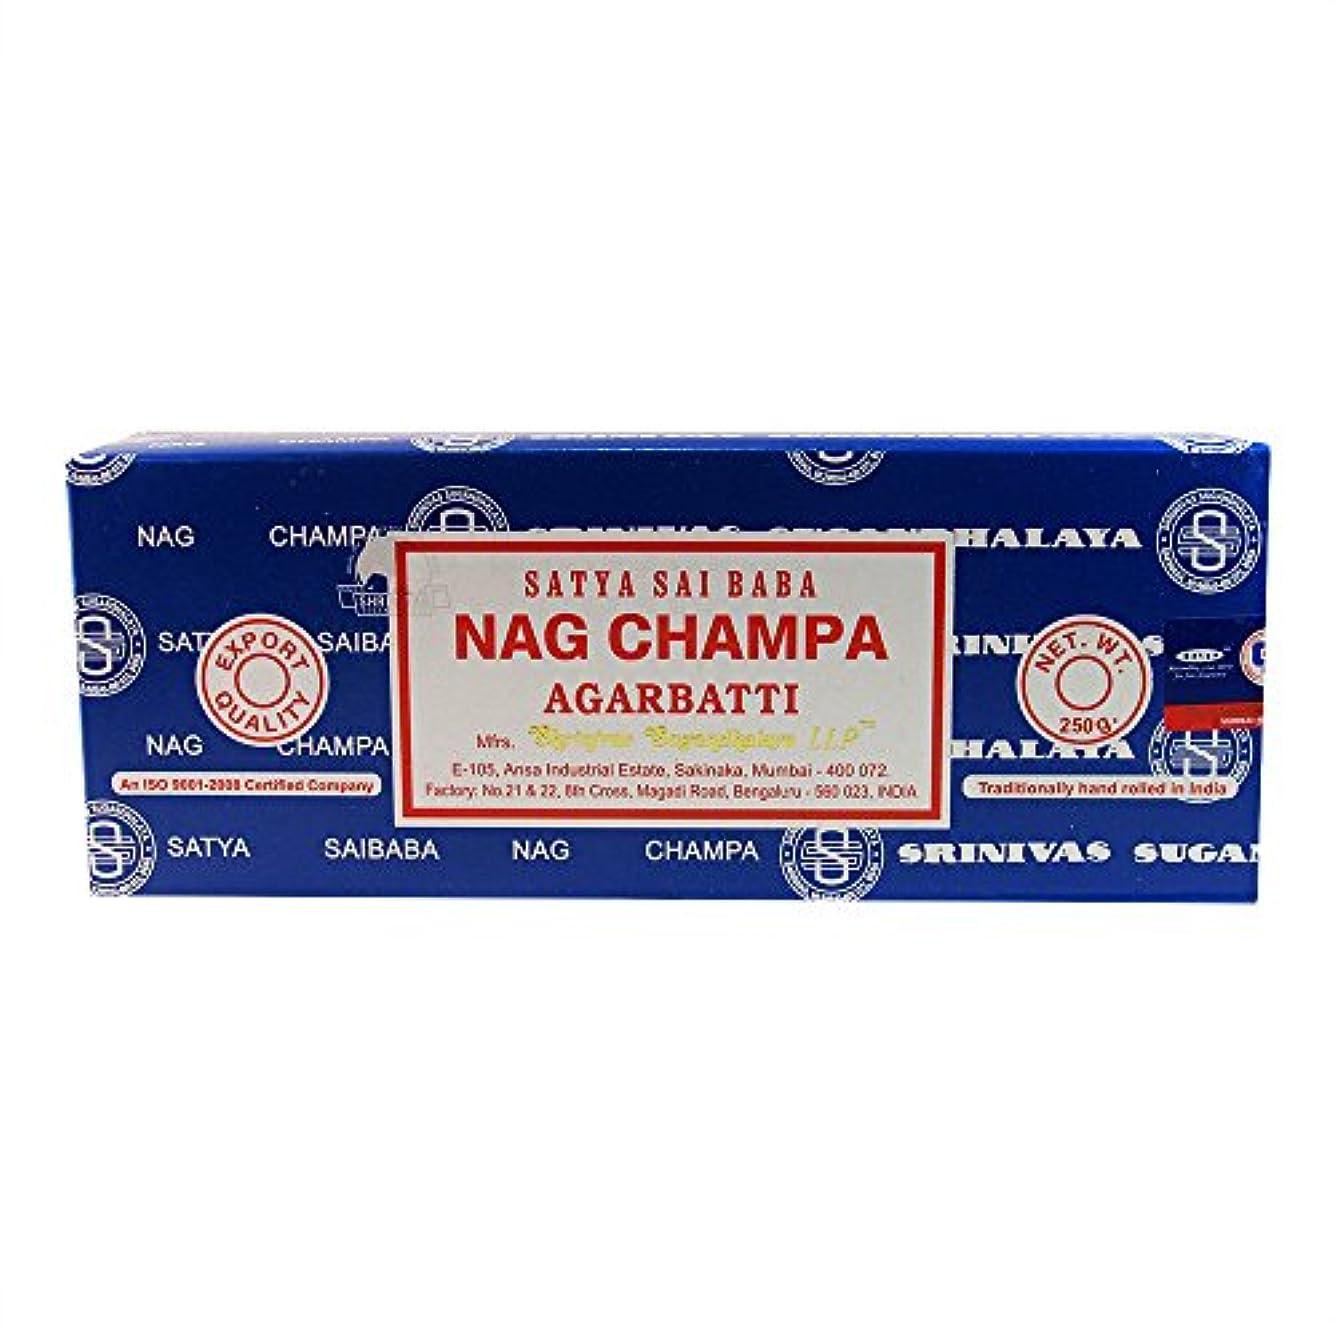 報いるつまずく母音海外直送品Nag Champa Incense, 250 GRAMS by Sai Baba